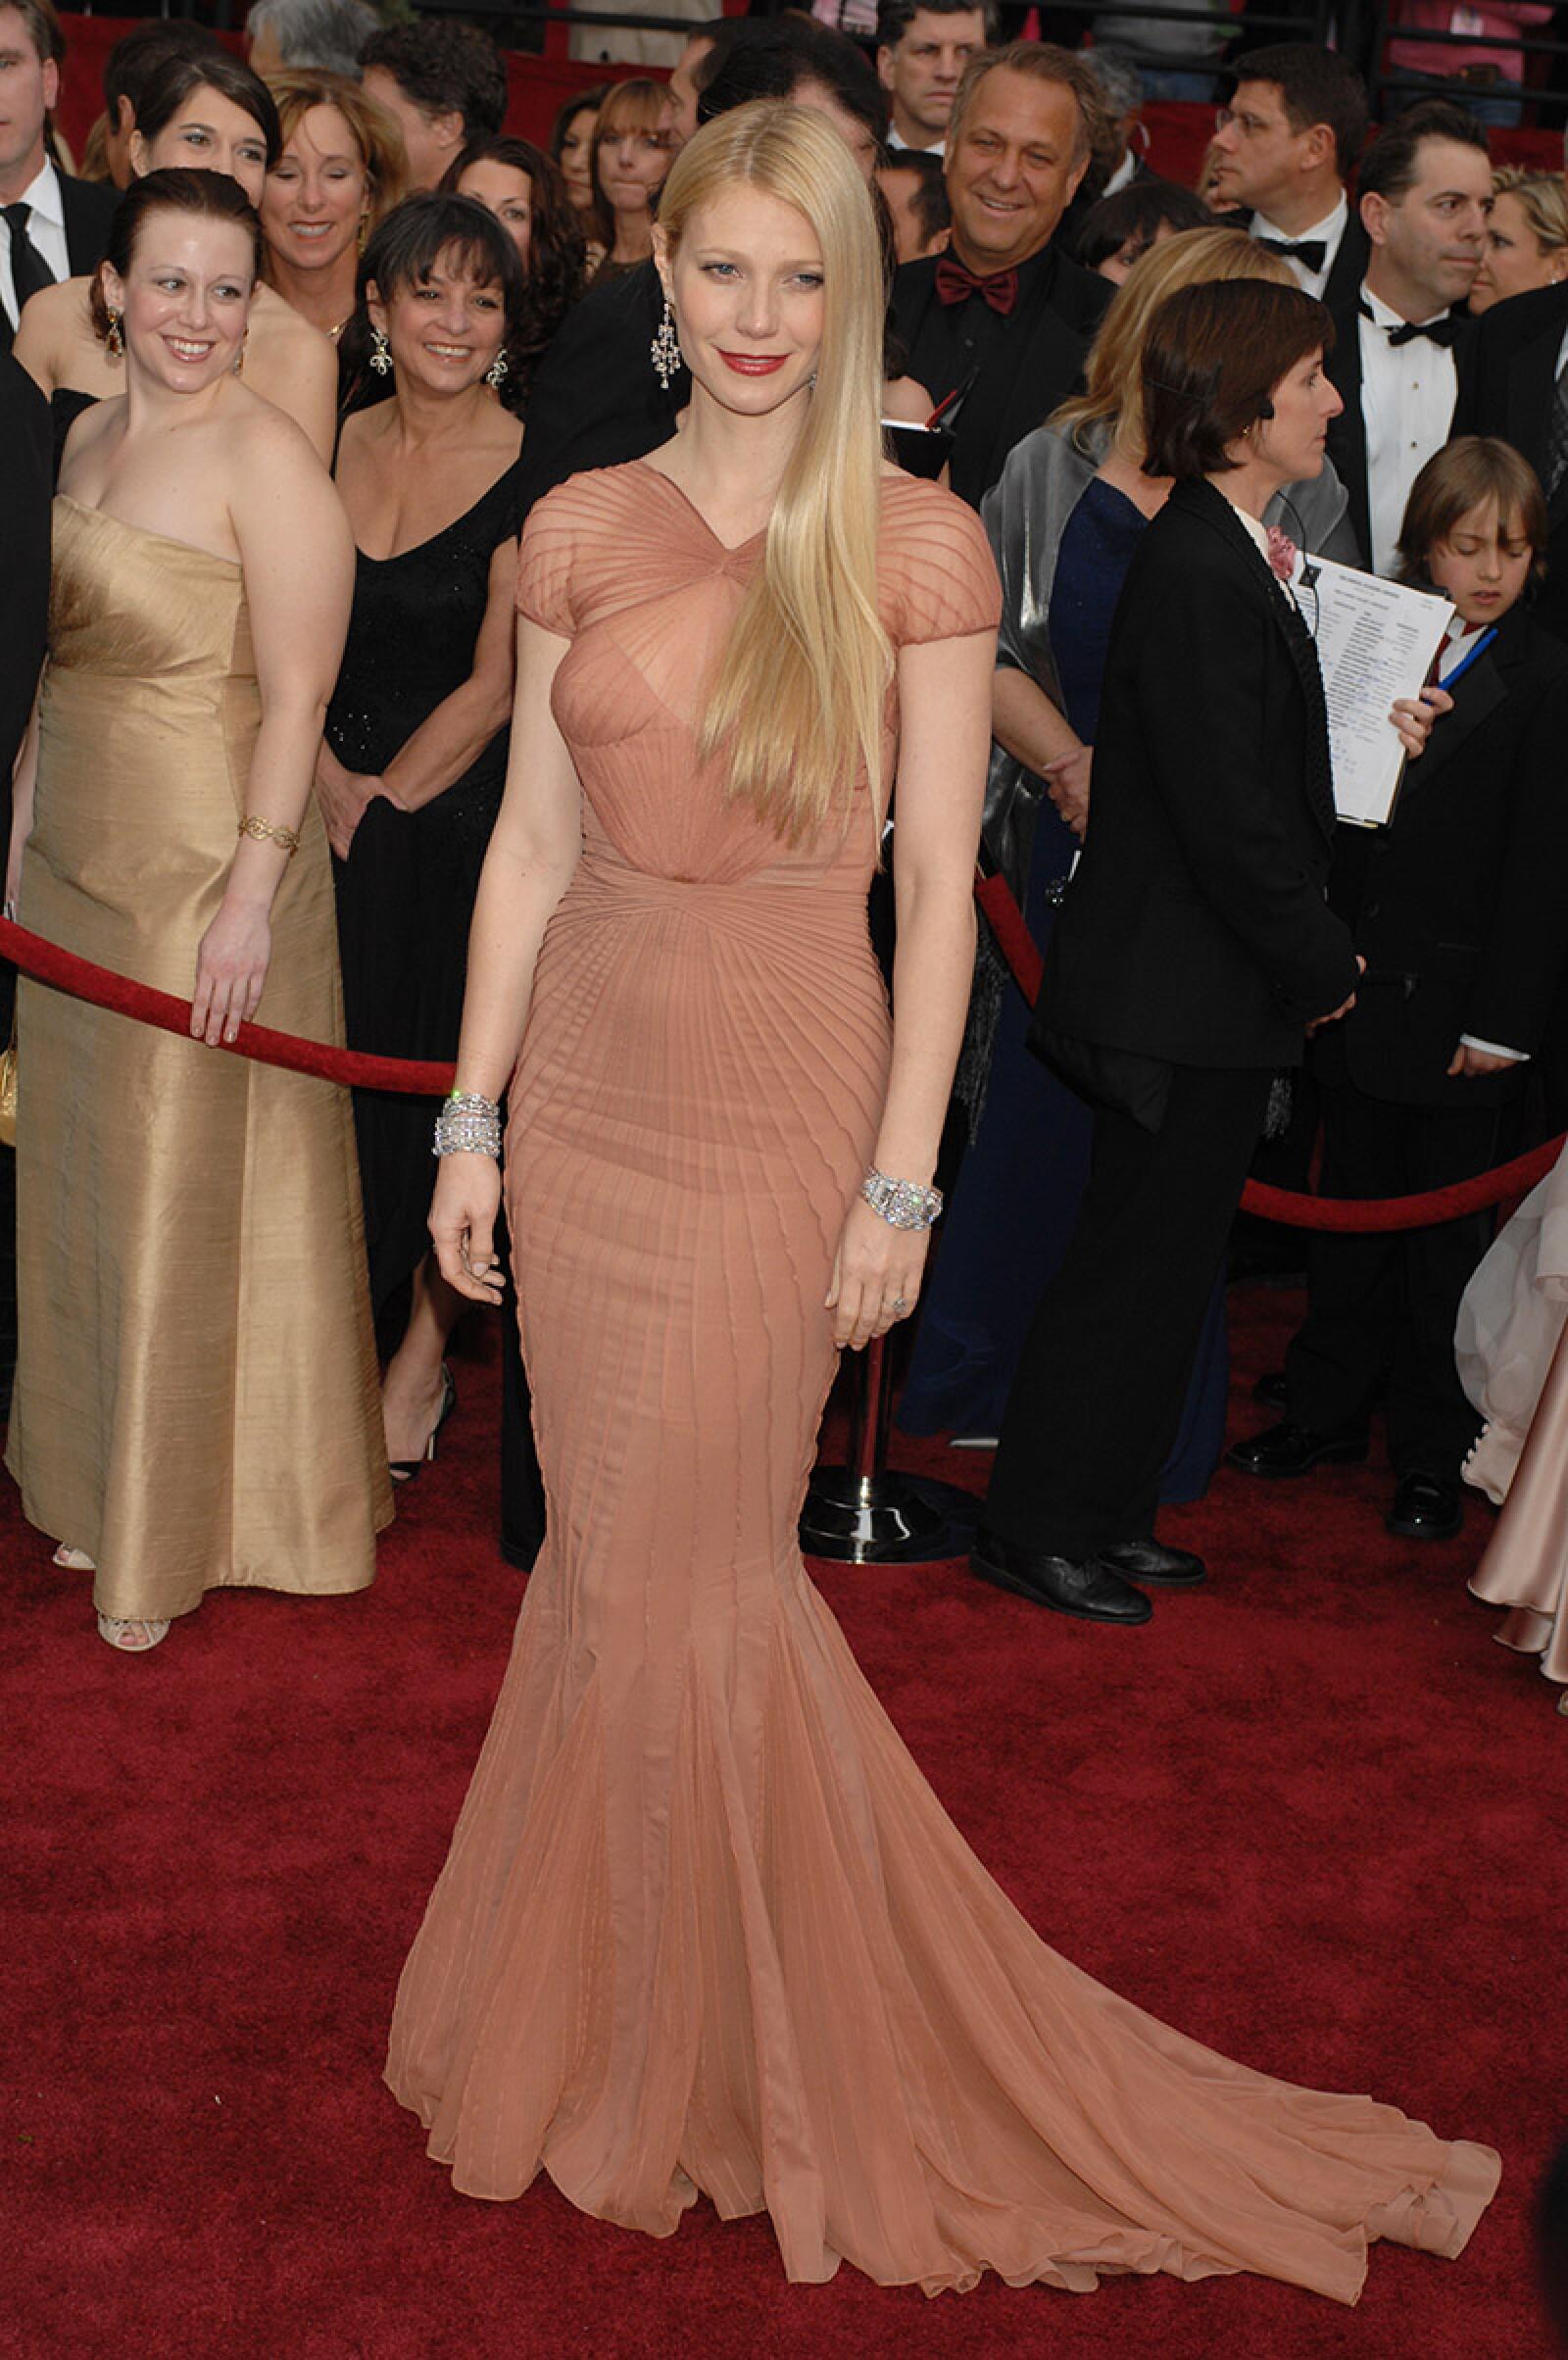 USA - 2007 Oscars�� - Arrivals